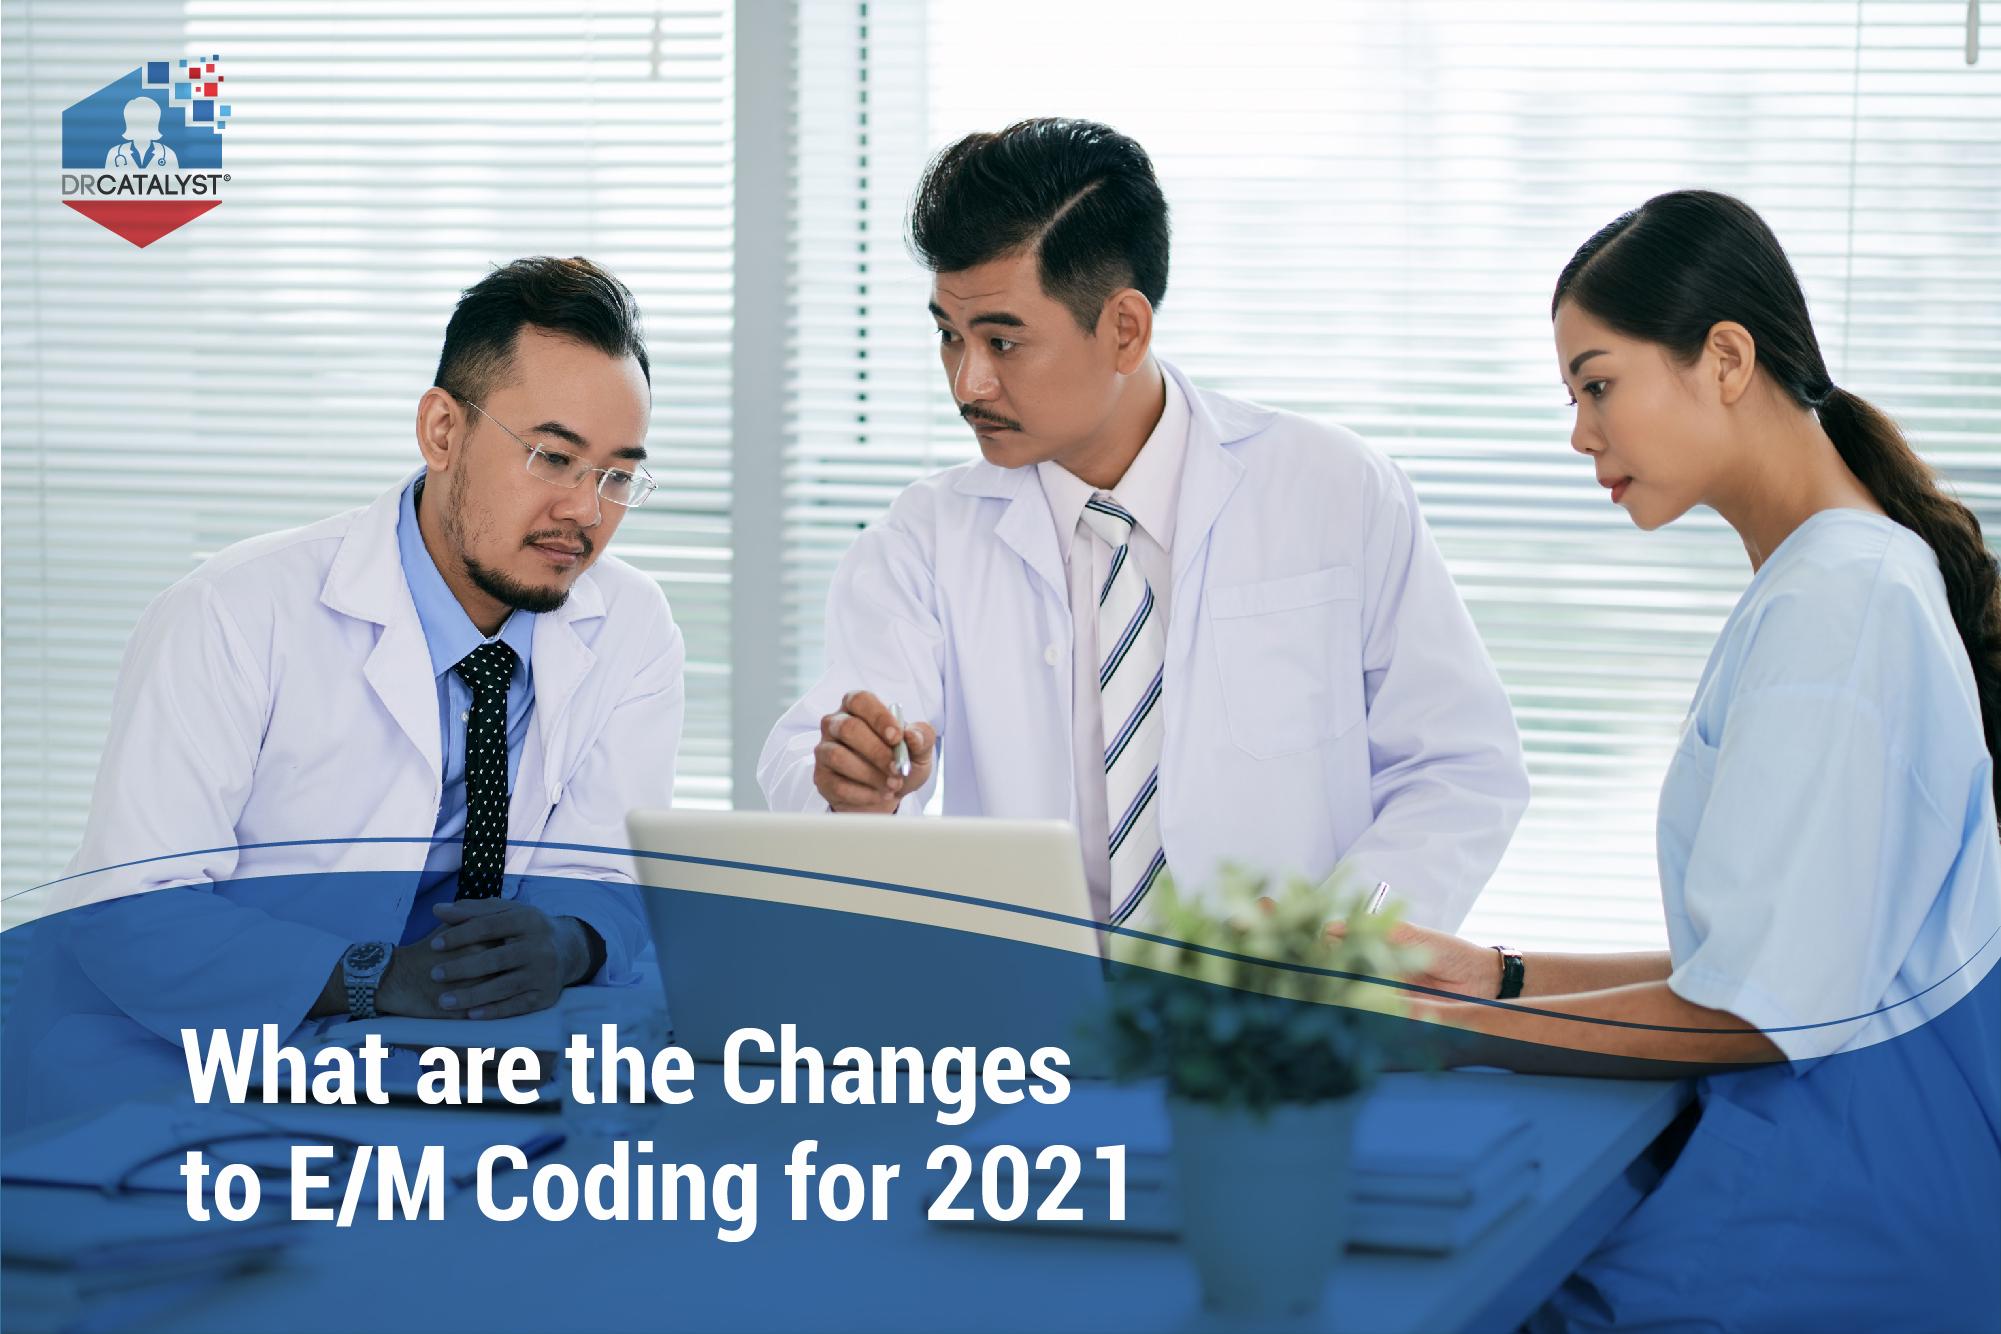 e&m coding changes 2021